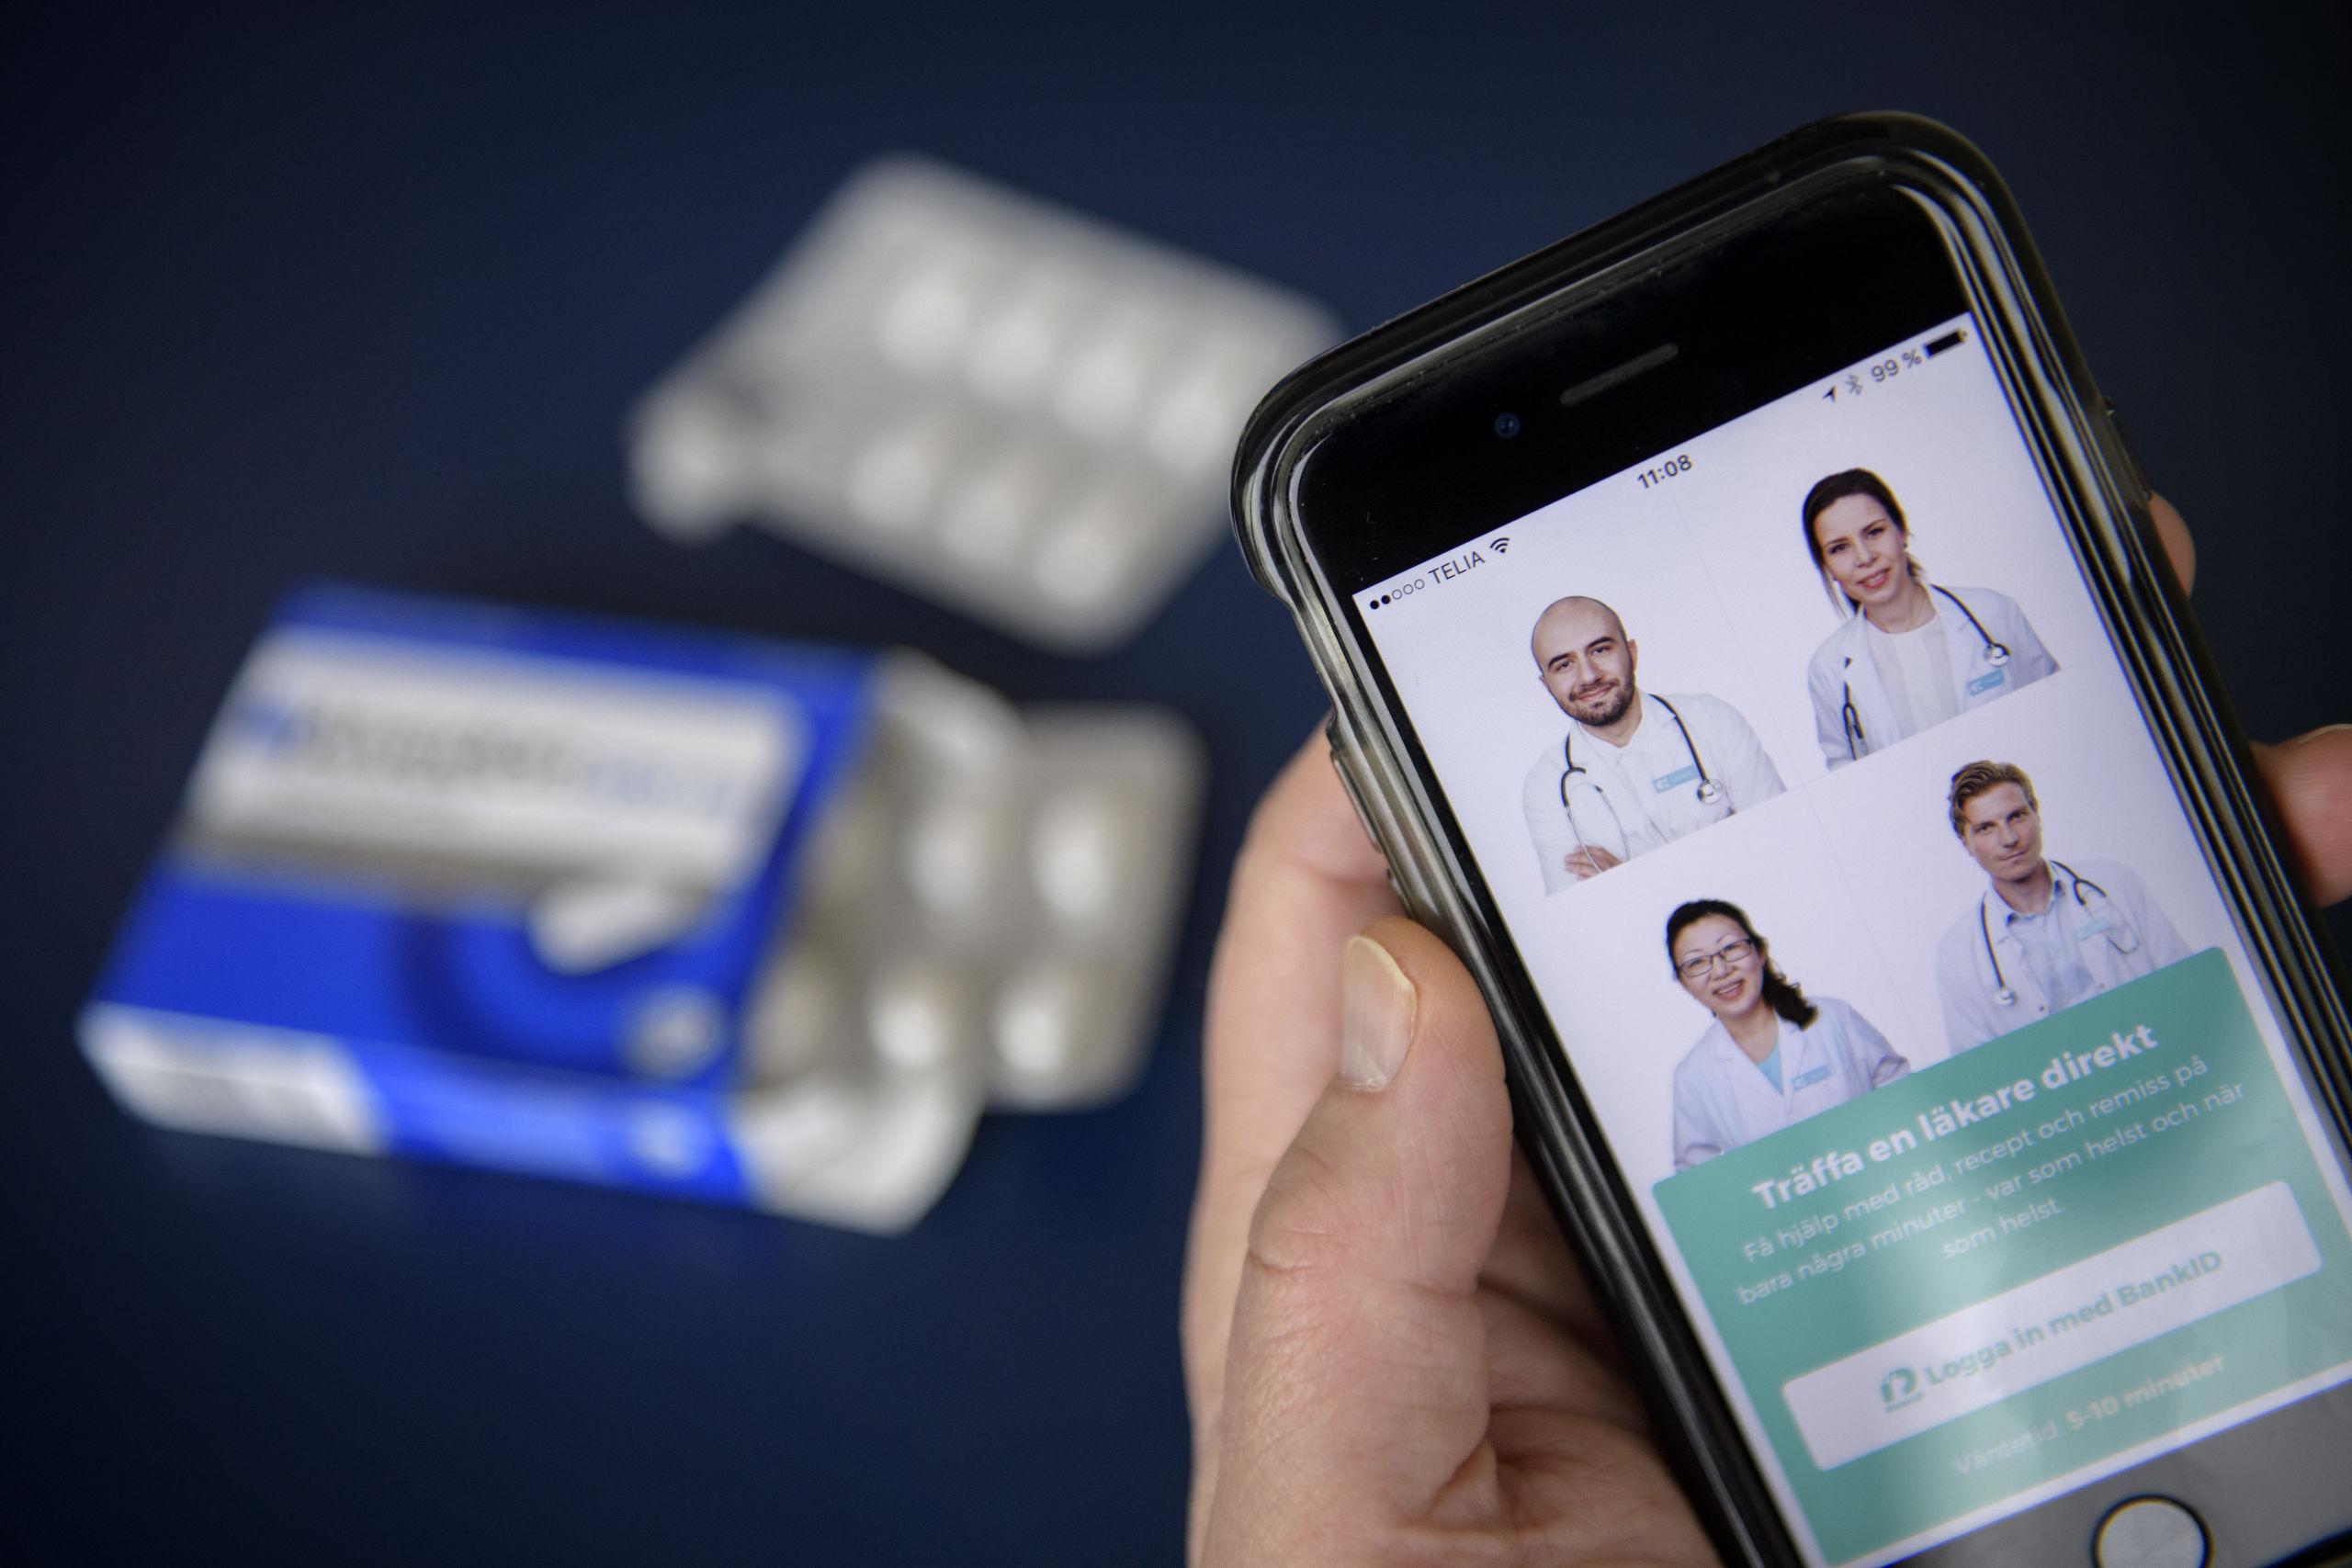 kostnad läkarbesök vårdcentral